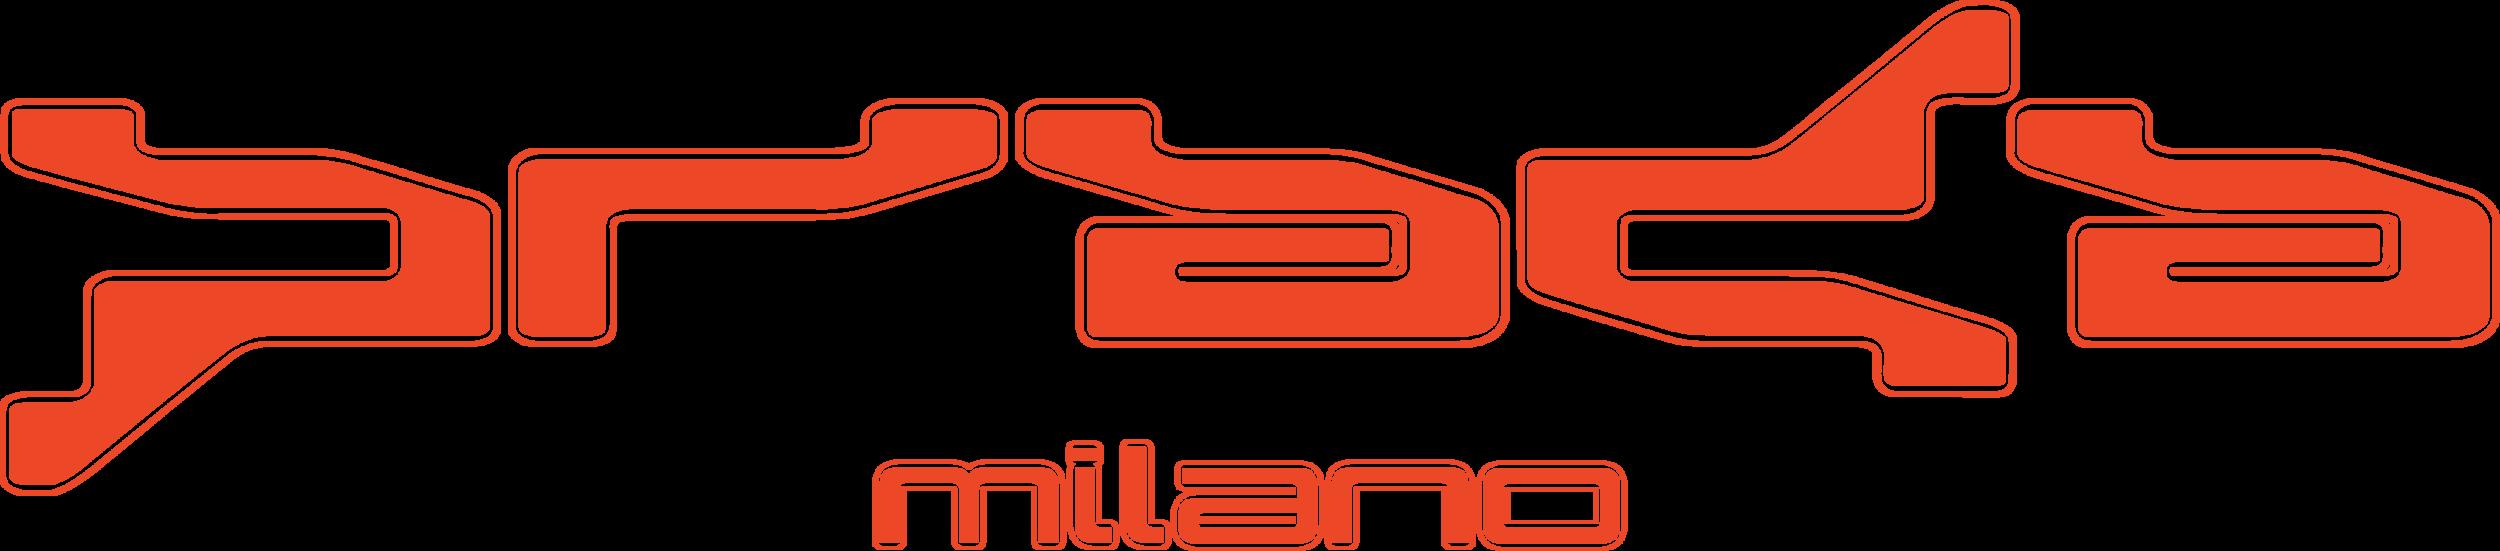 prada faysal logo.png